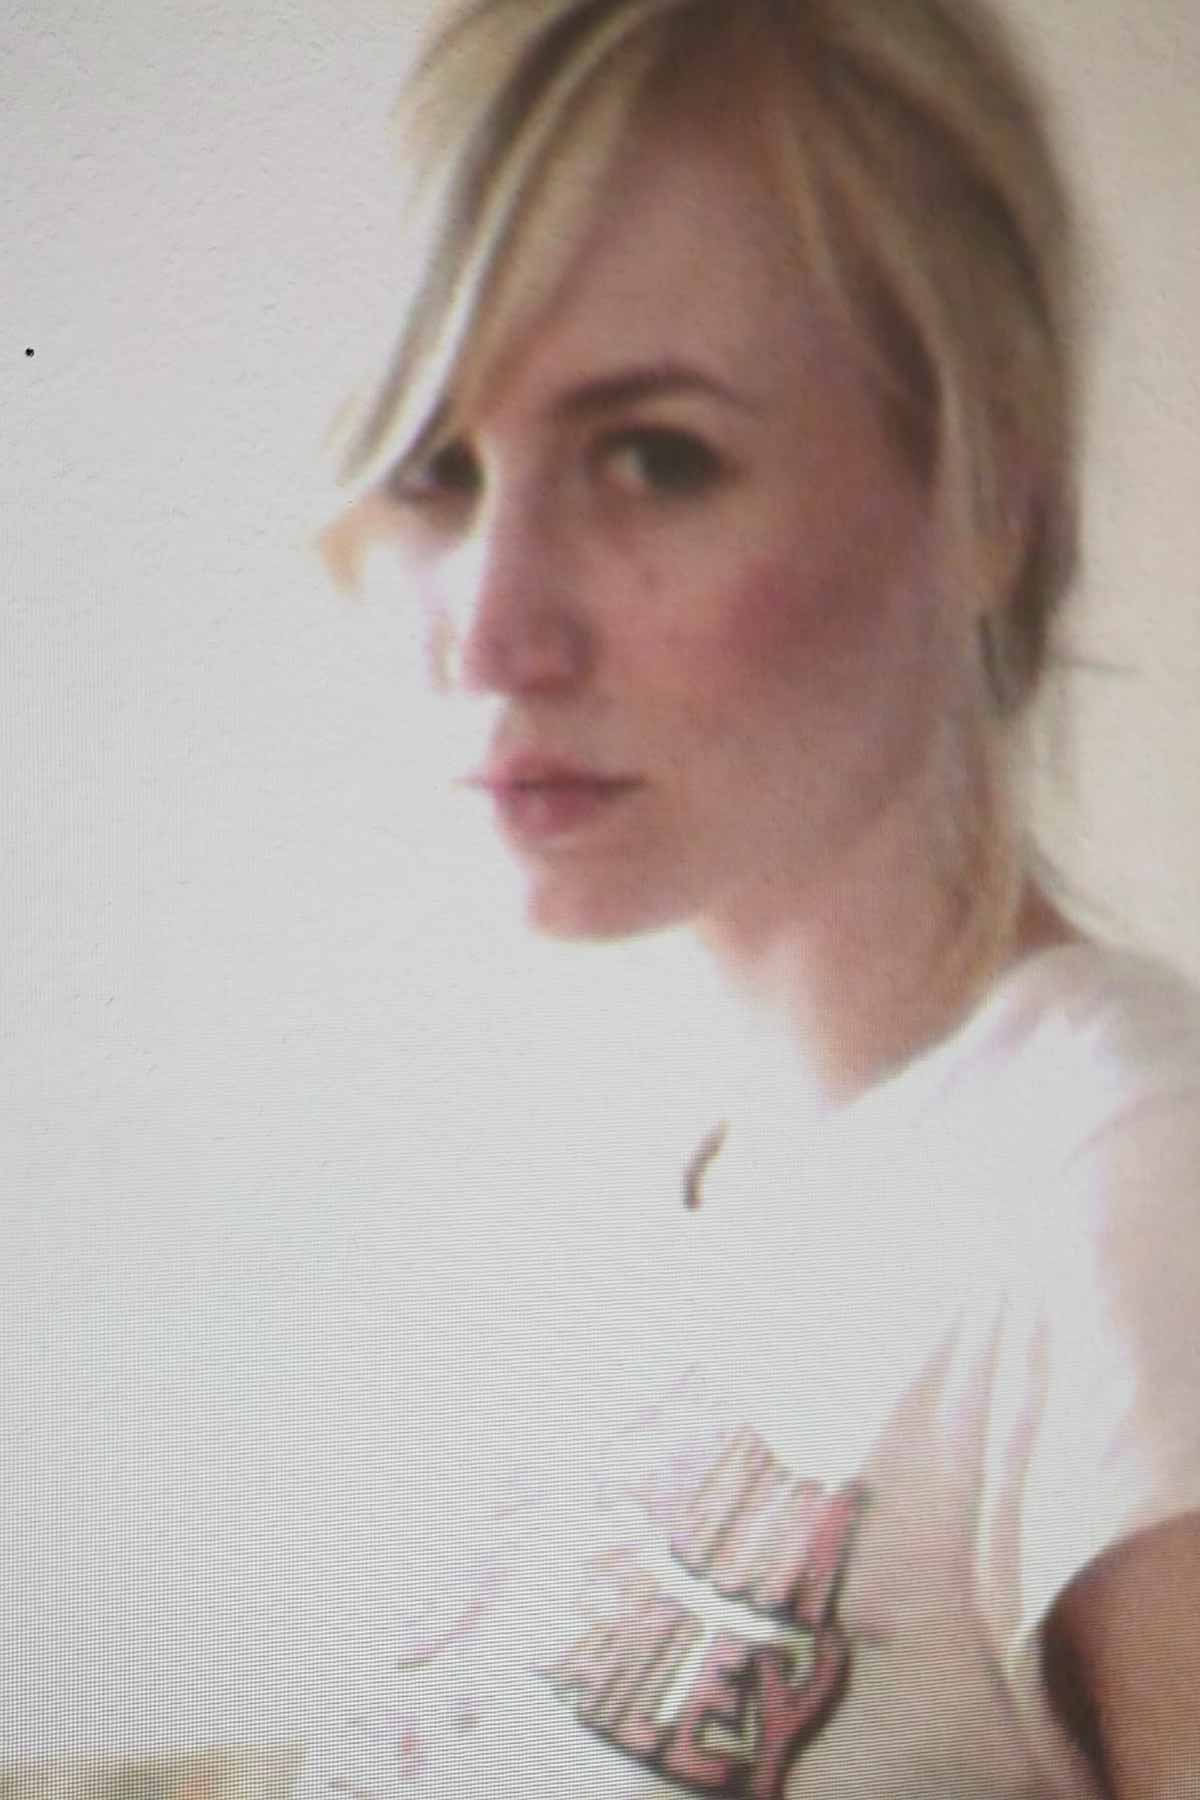 STEFANIE, 25, DUESSELDORF, GERMANY